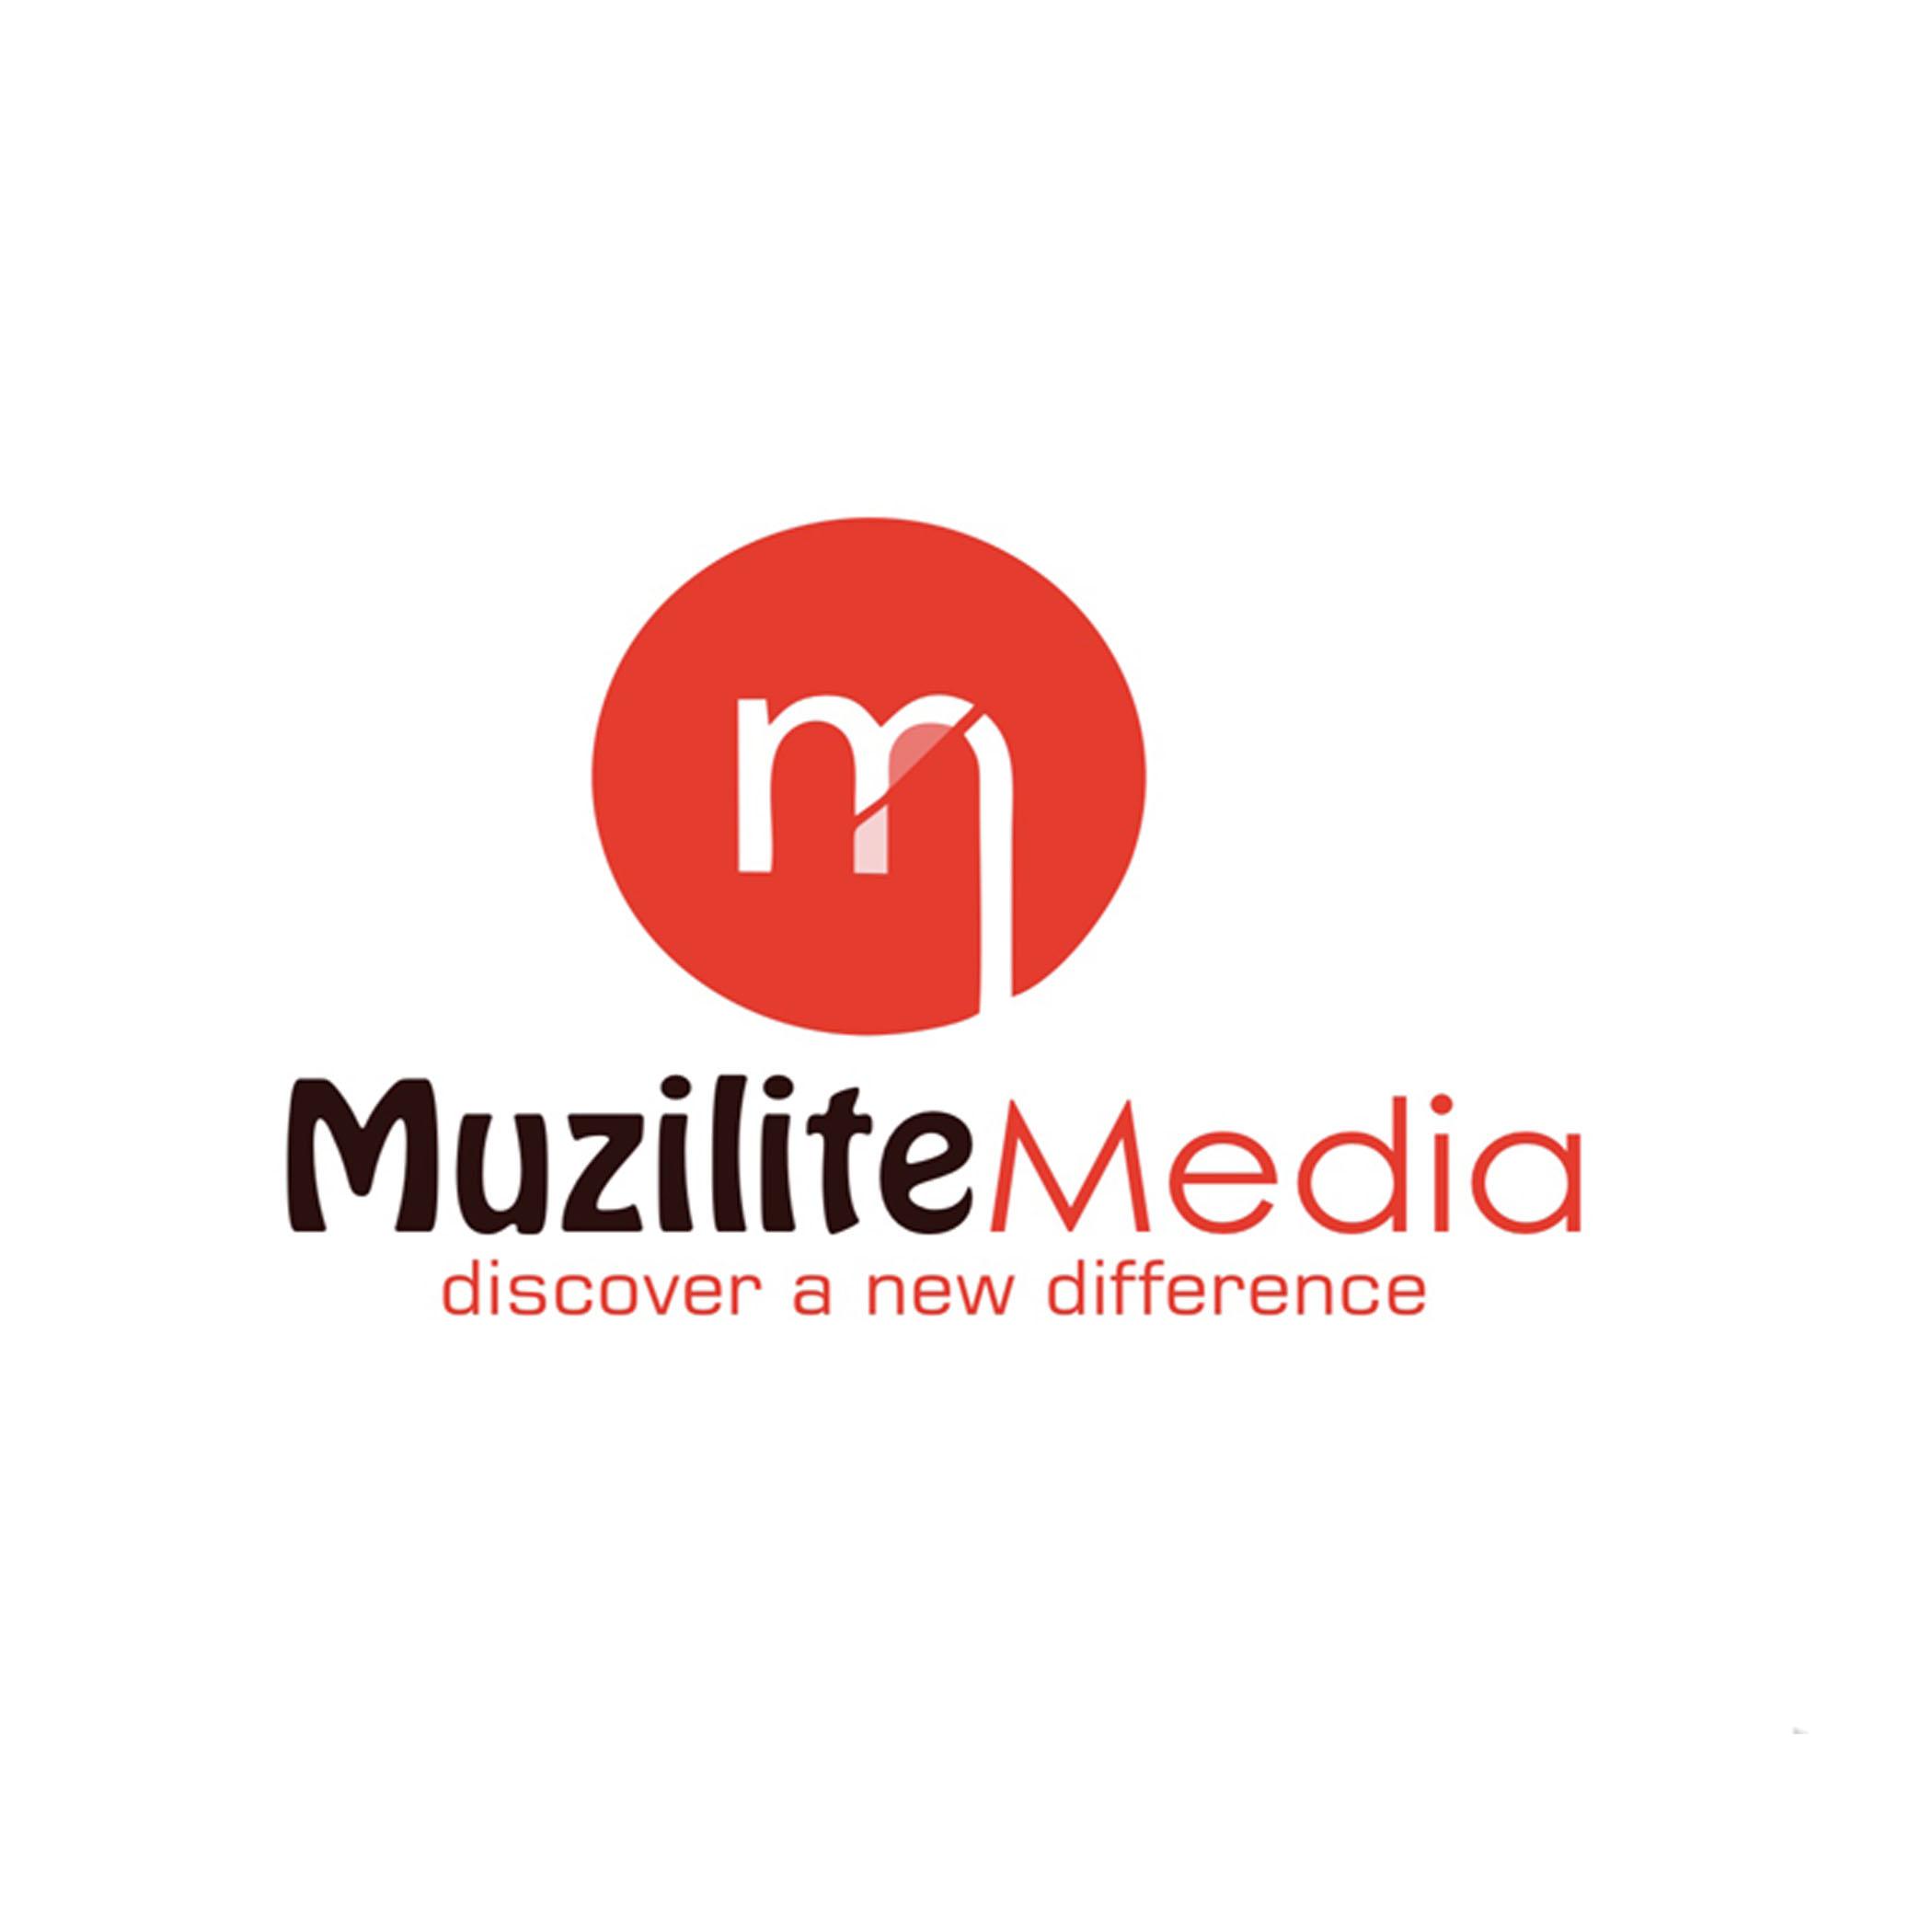 Muzilite Media